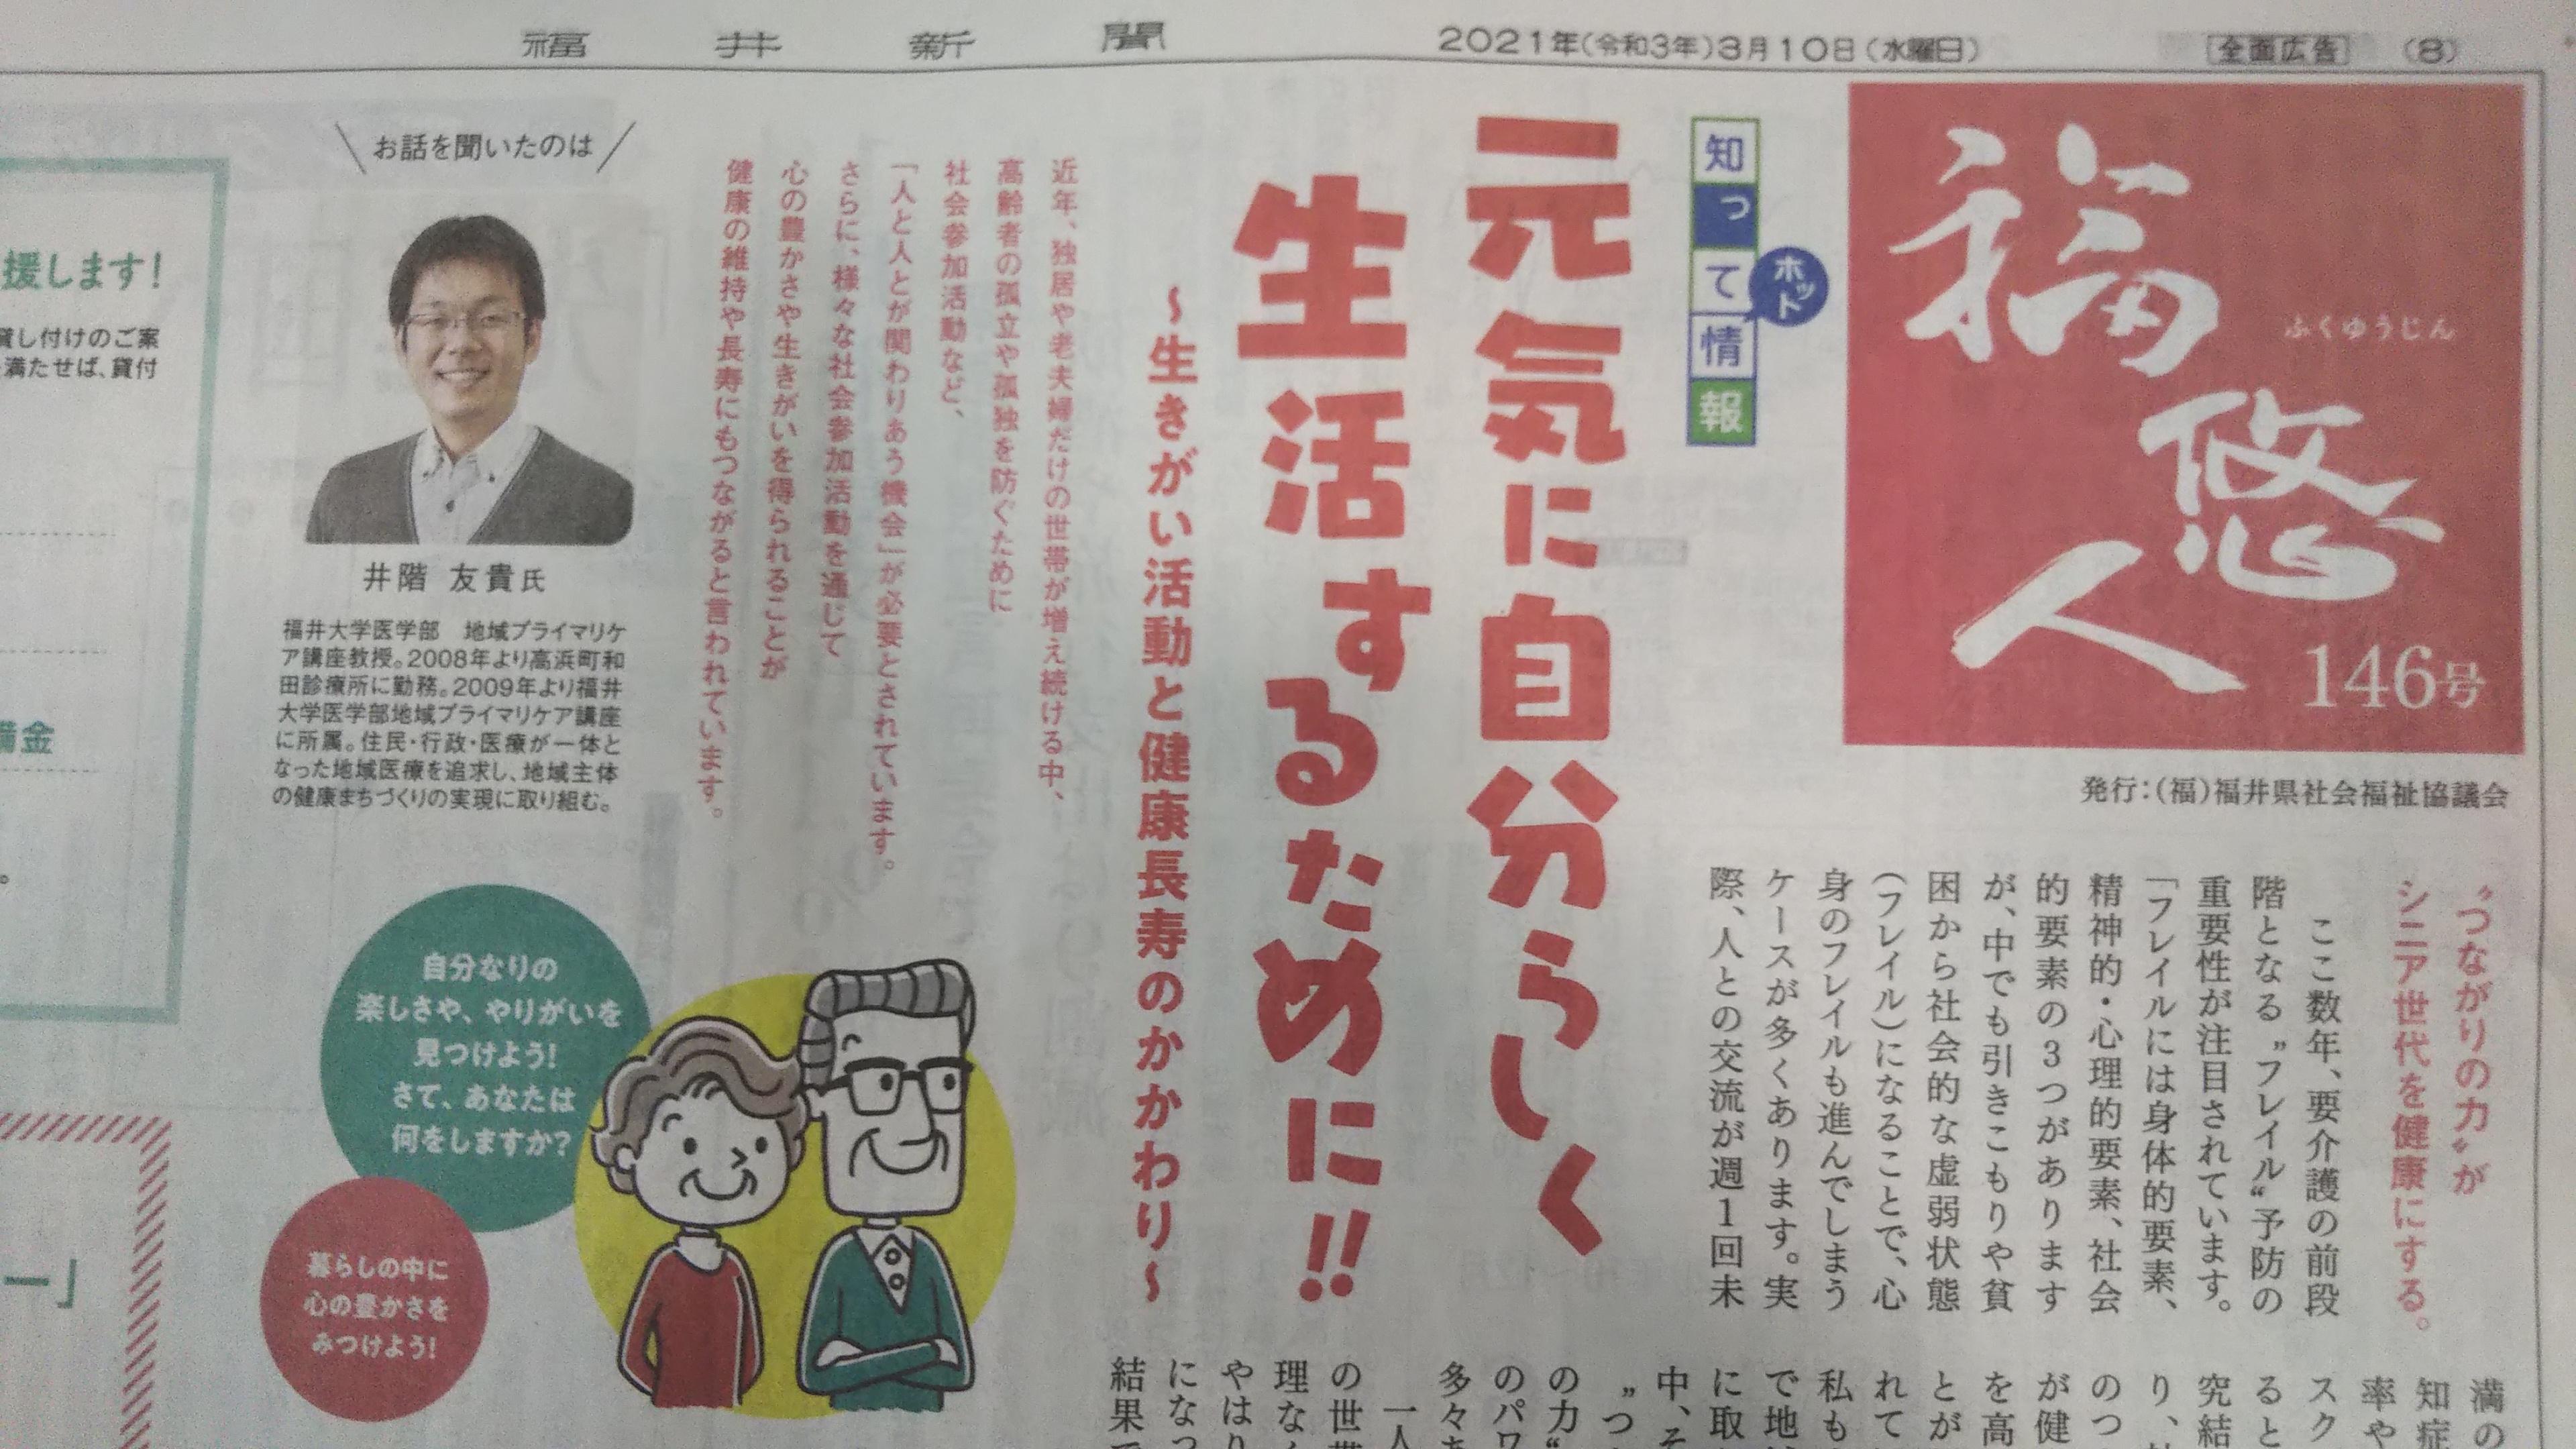 「地域で役割がある高齢者ほど長寿!」井階友貴先生の記事が掲載されました。